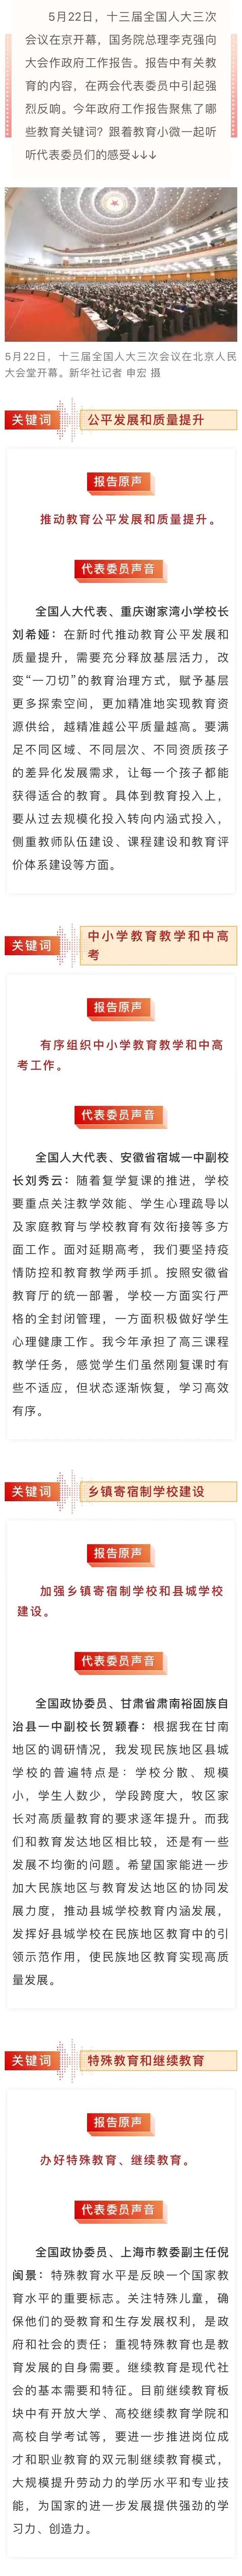 【蓝冠官网】聚焦两会|今年政府工蓝冠官网作报图片